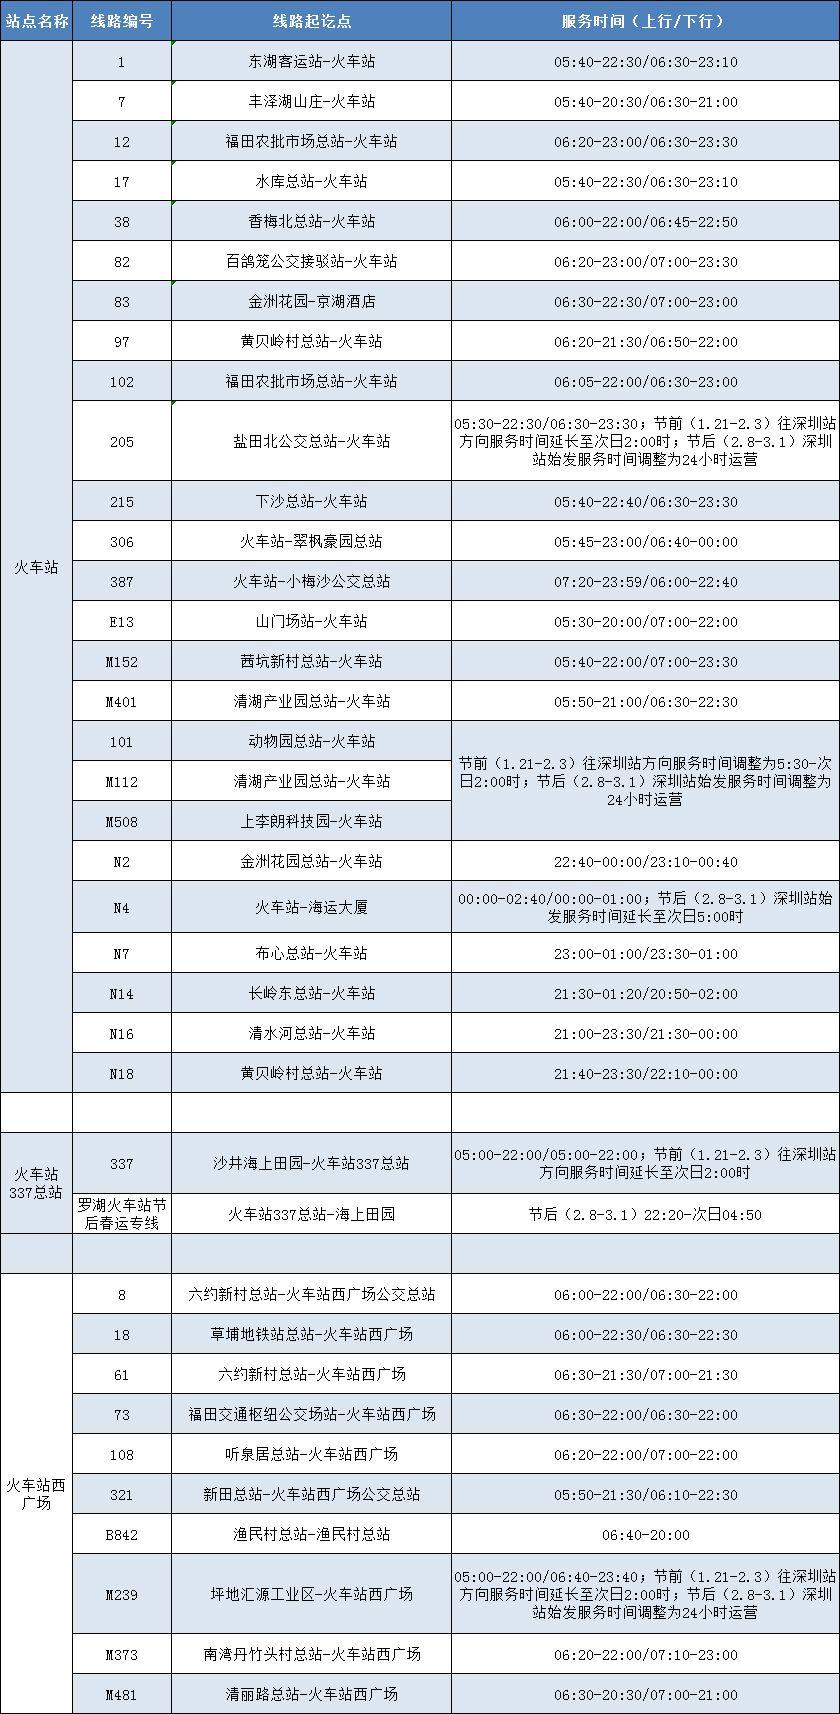 深圳八大火车站地铁、公交线路一览表